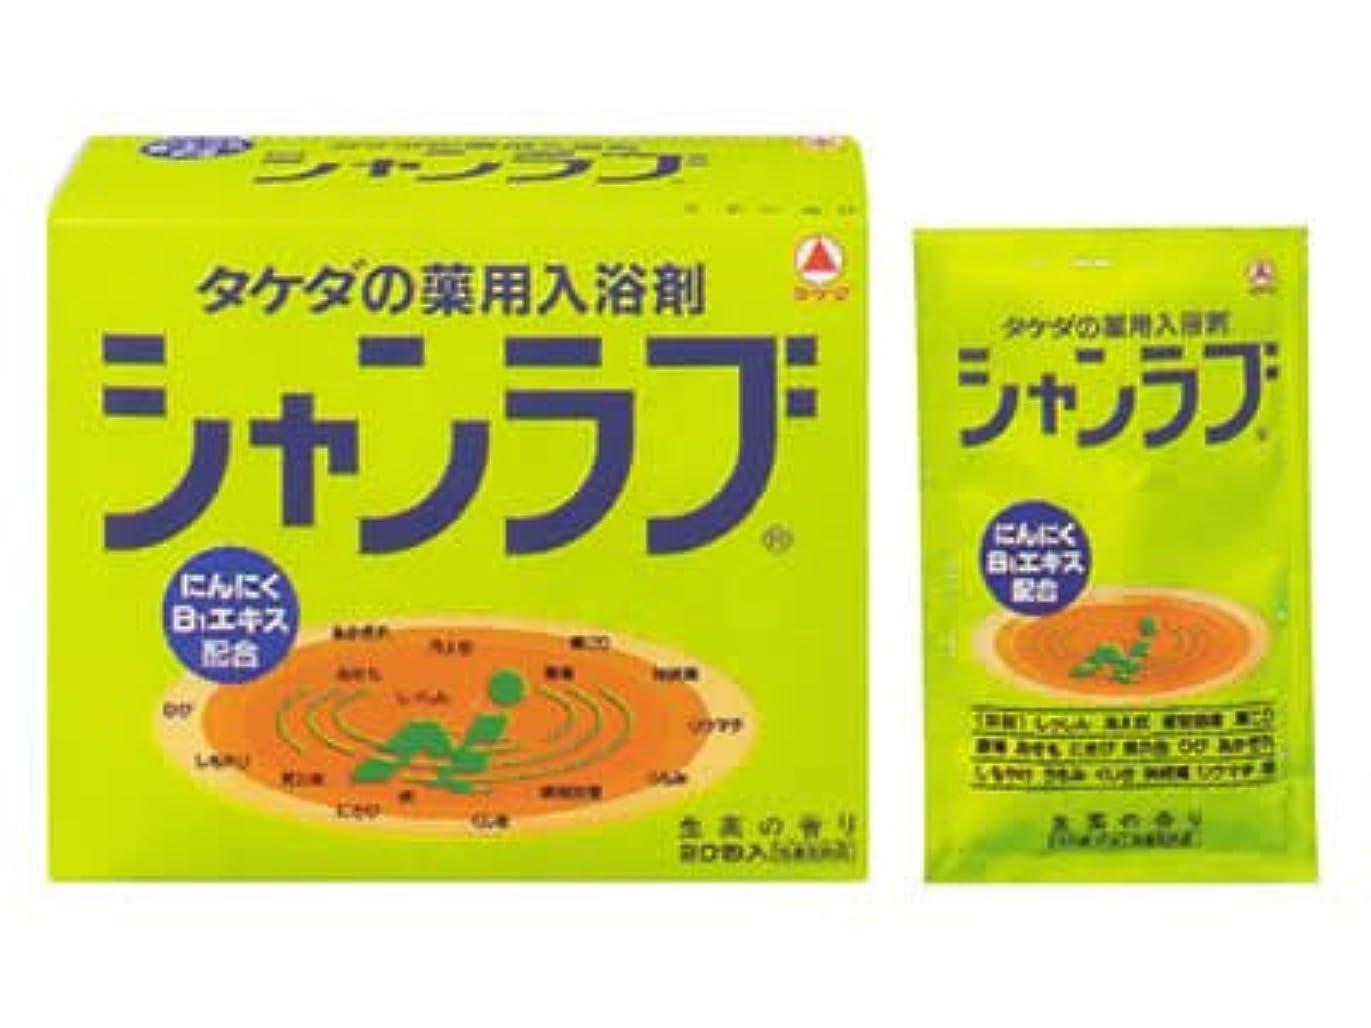 南東木偽装する武田コンシューマーヘルスケア シャンラブ 生薬の香り 20包